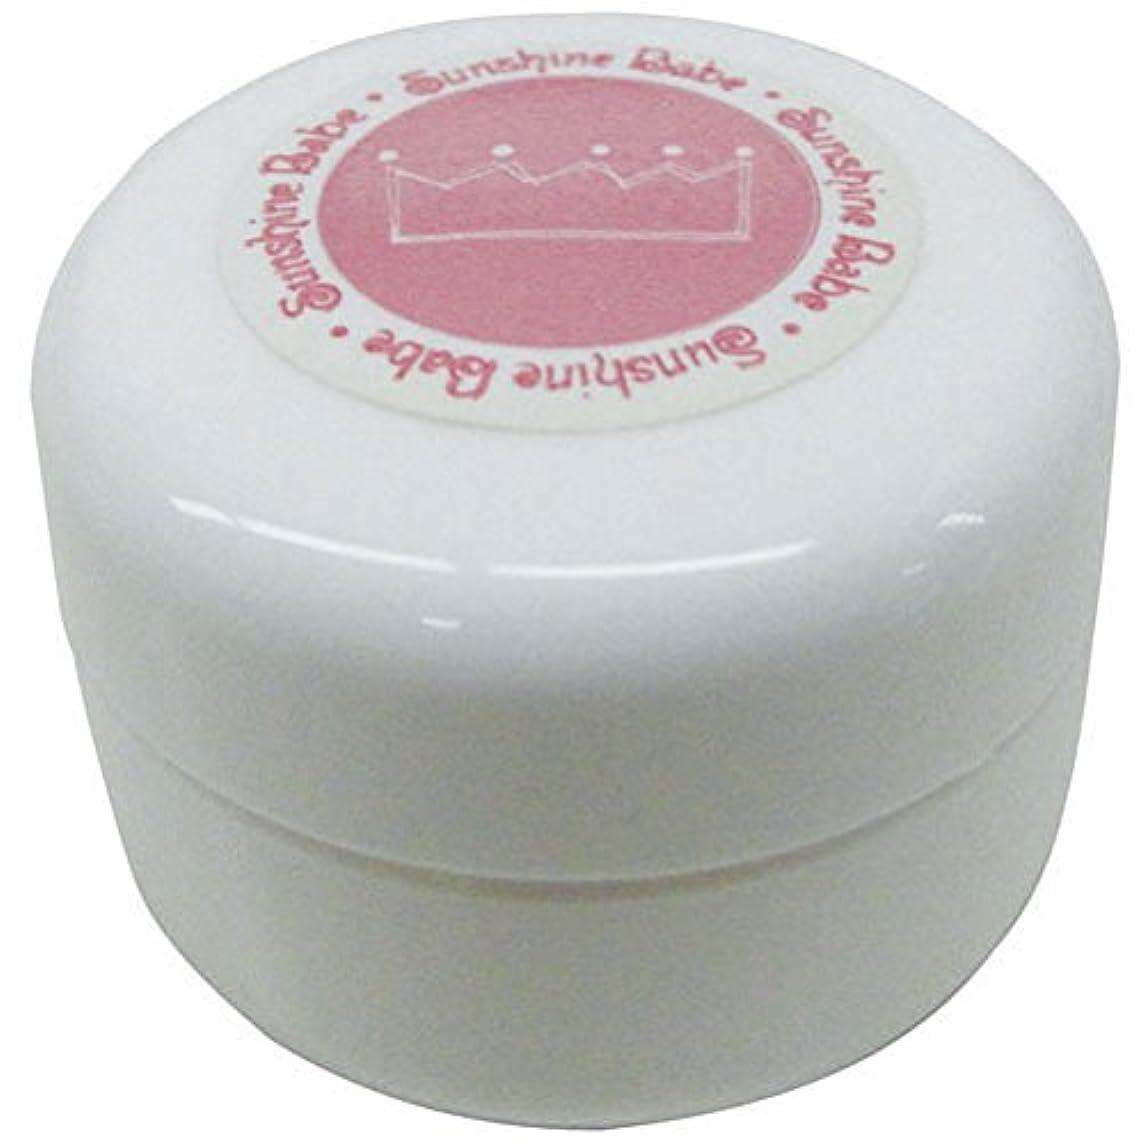 ほとんどの場合売る傾いたジェルネイル  サンシャインベビー クリームジェルポット 10ml